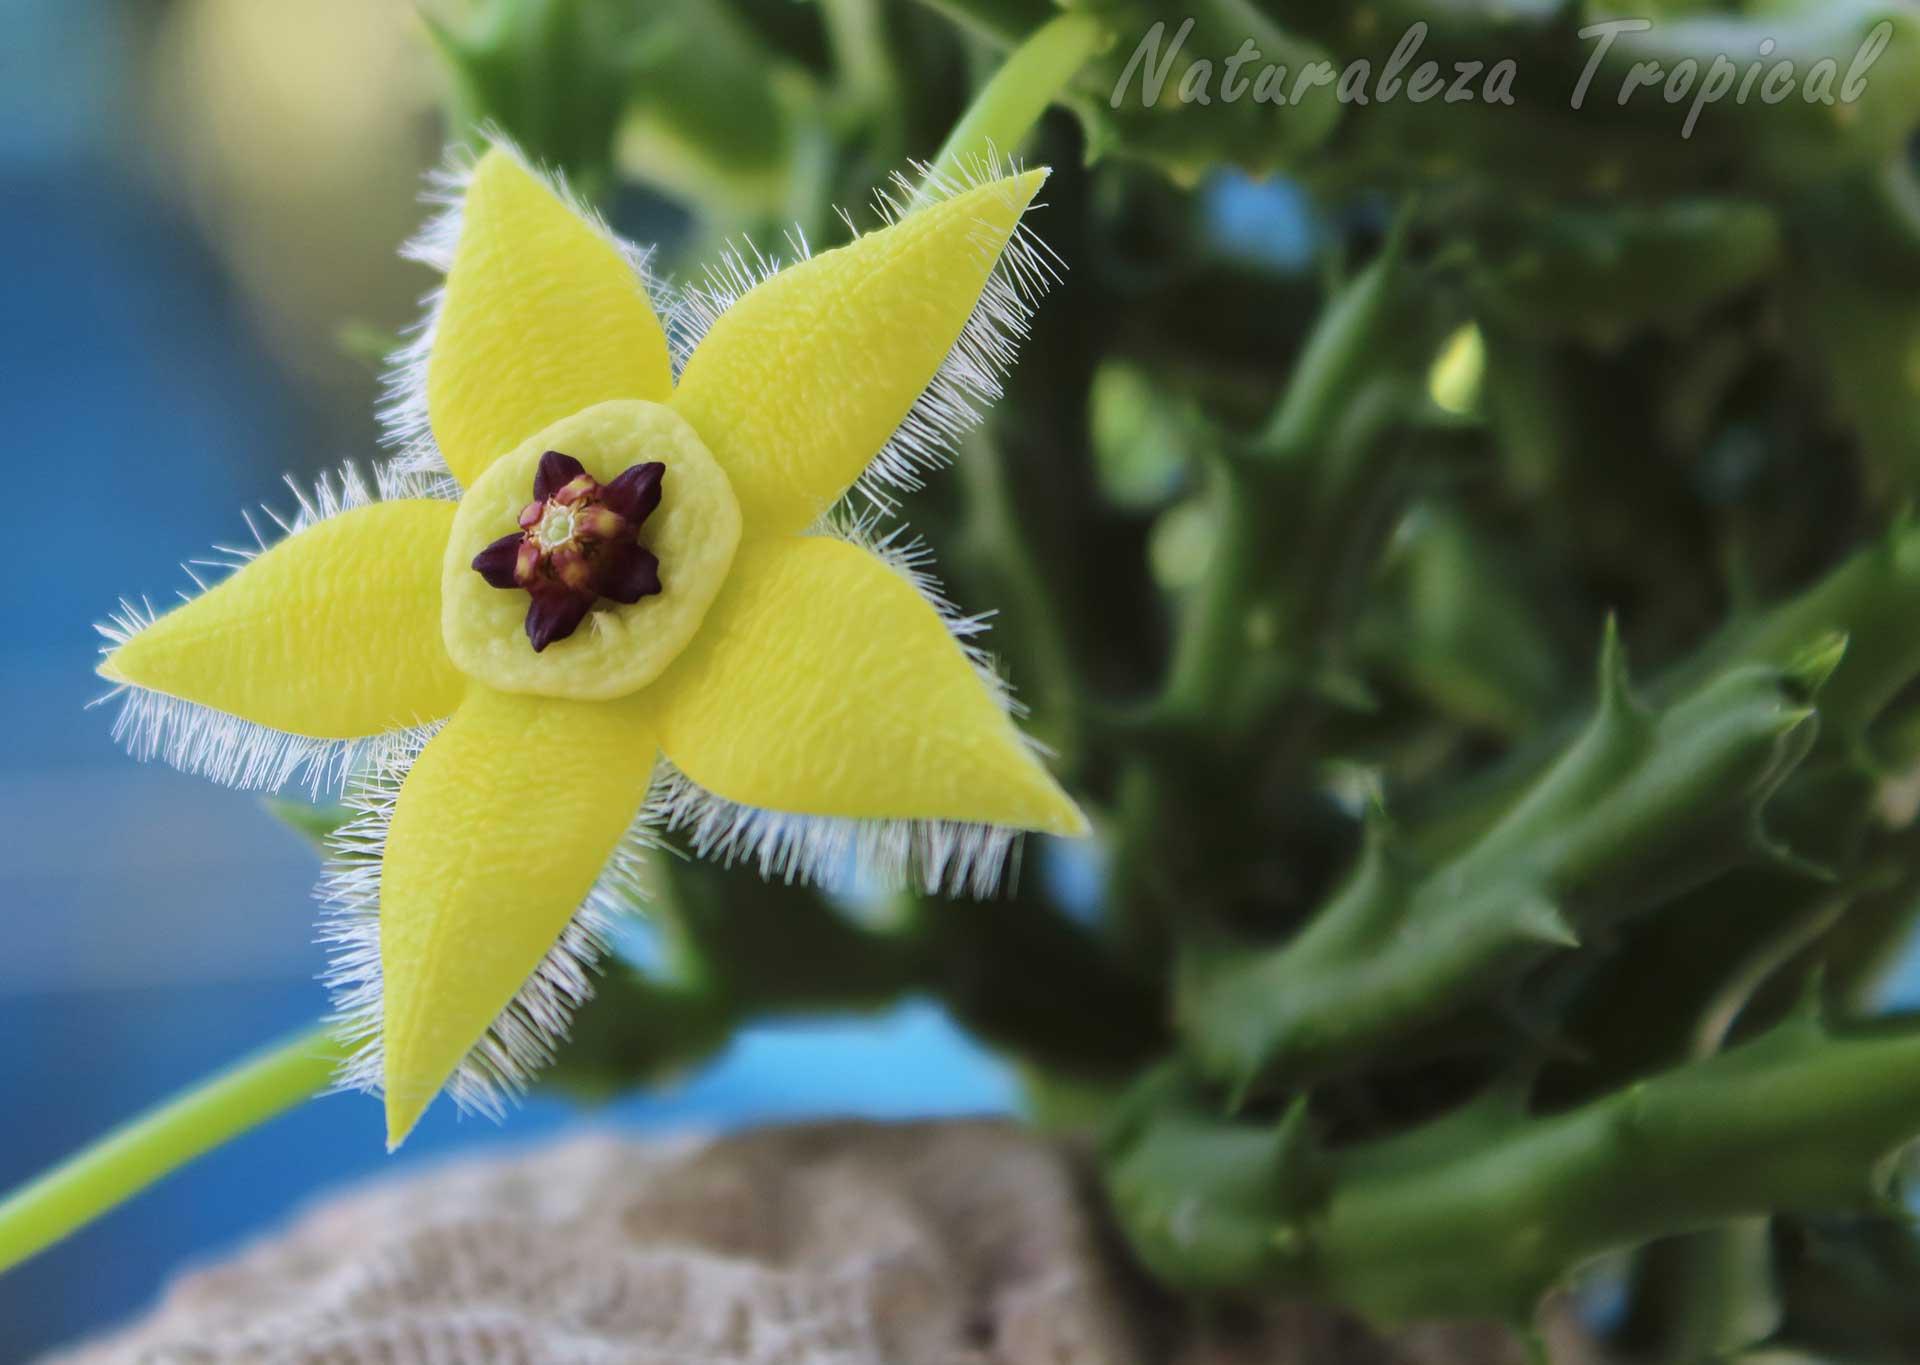 Flor y tallos de la planta suculenta Orbea semota var. lutea